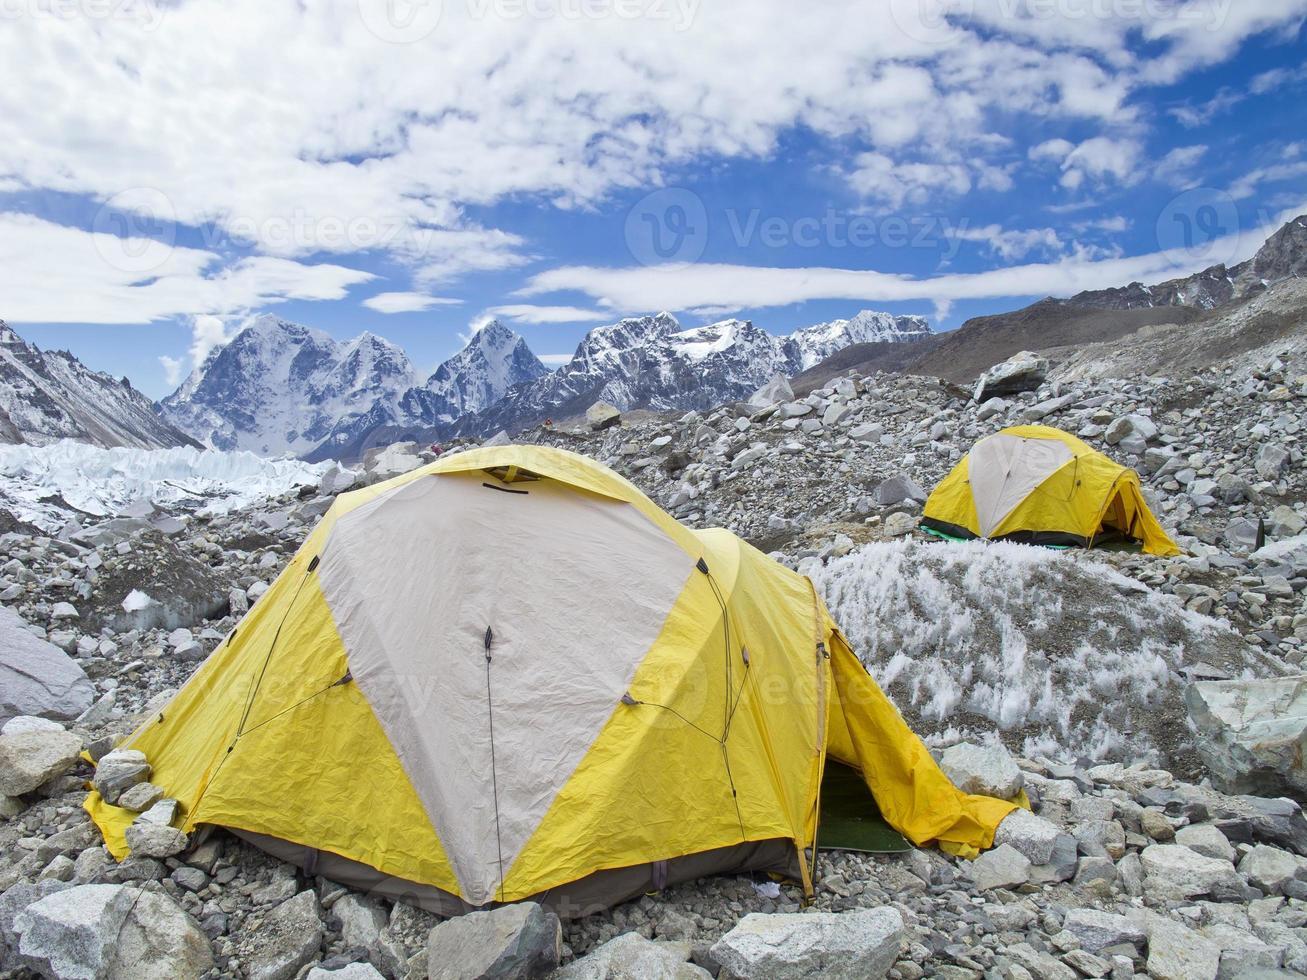 Carpas en el campamento base del Everest, día nublado. foto